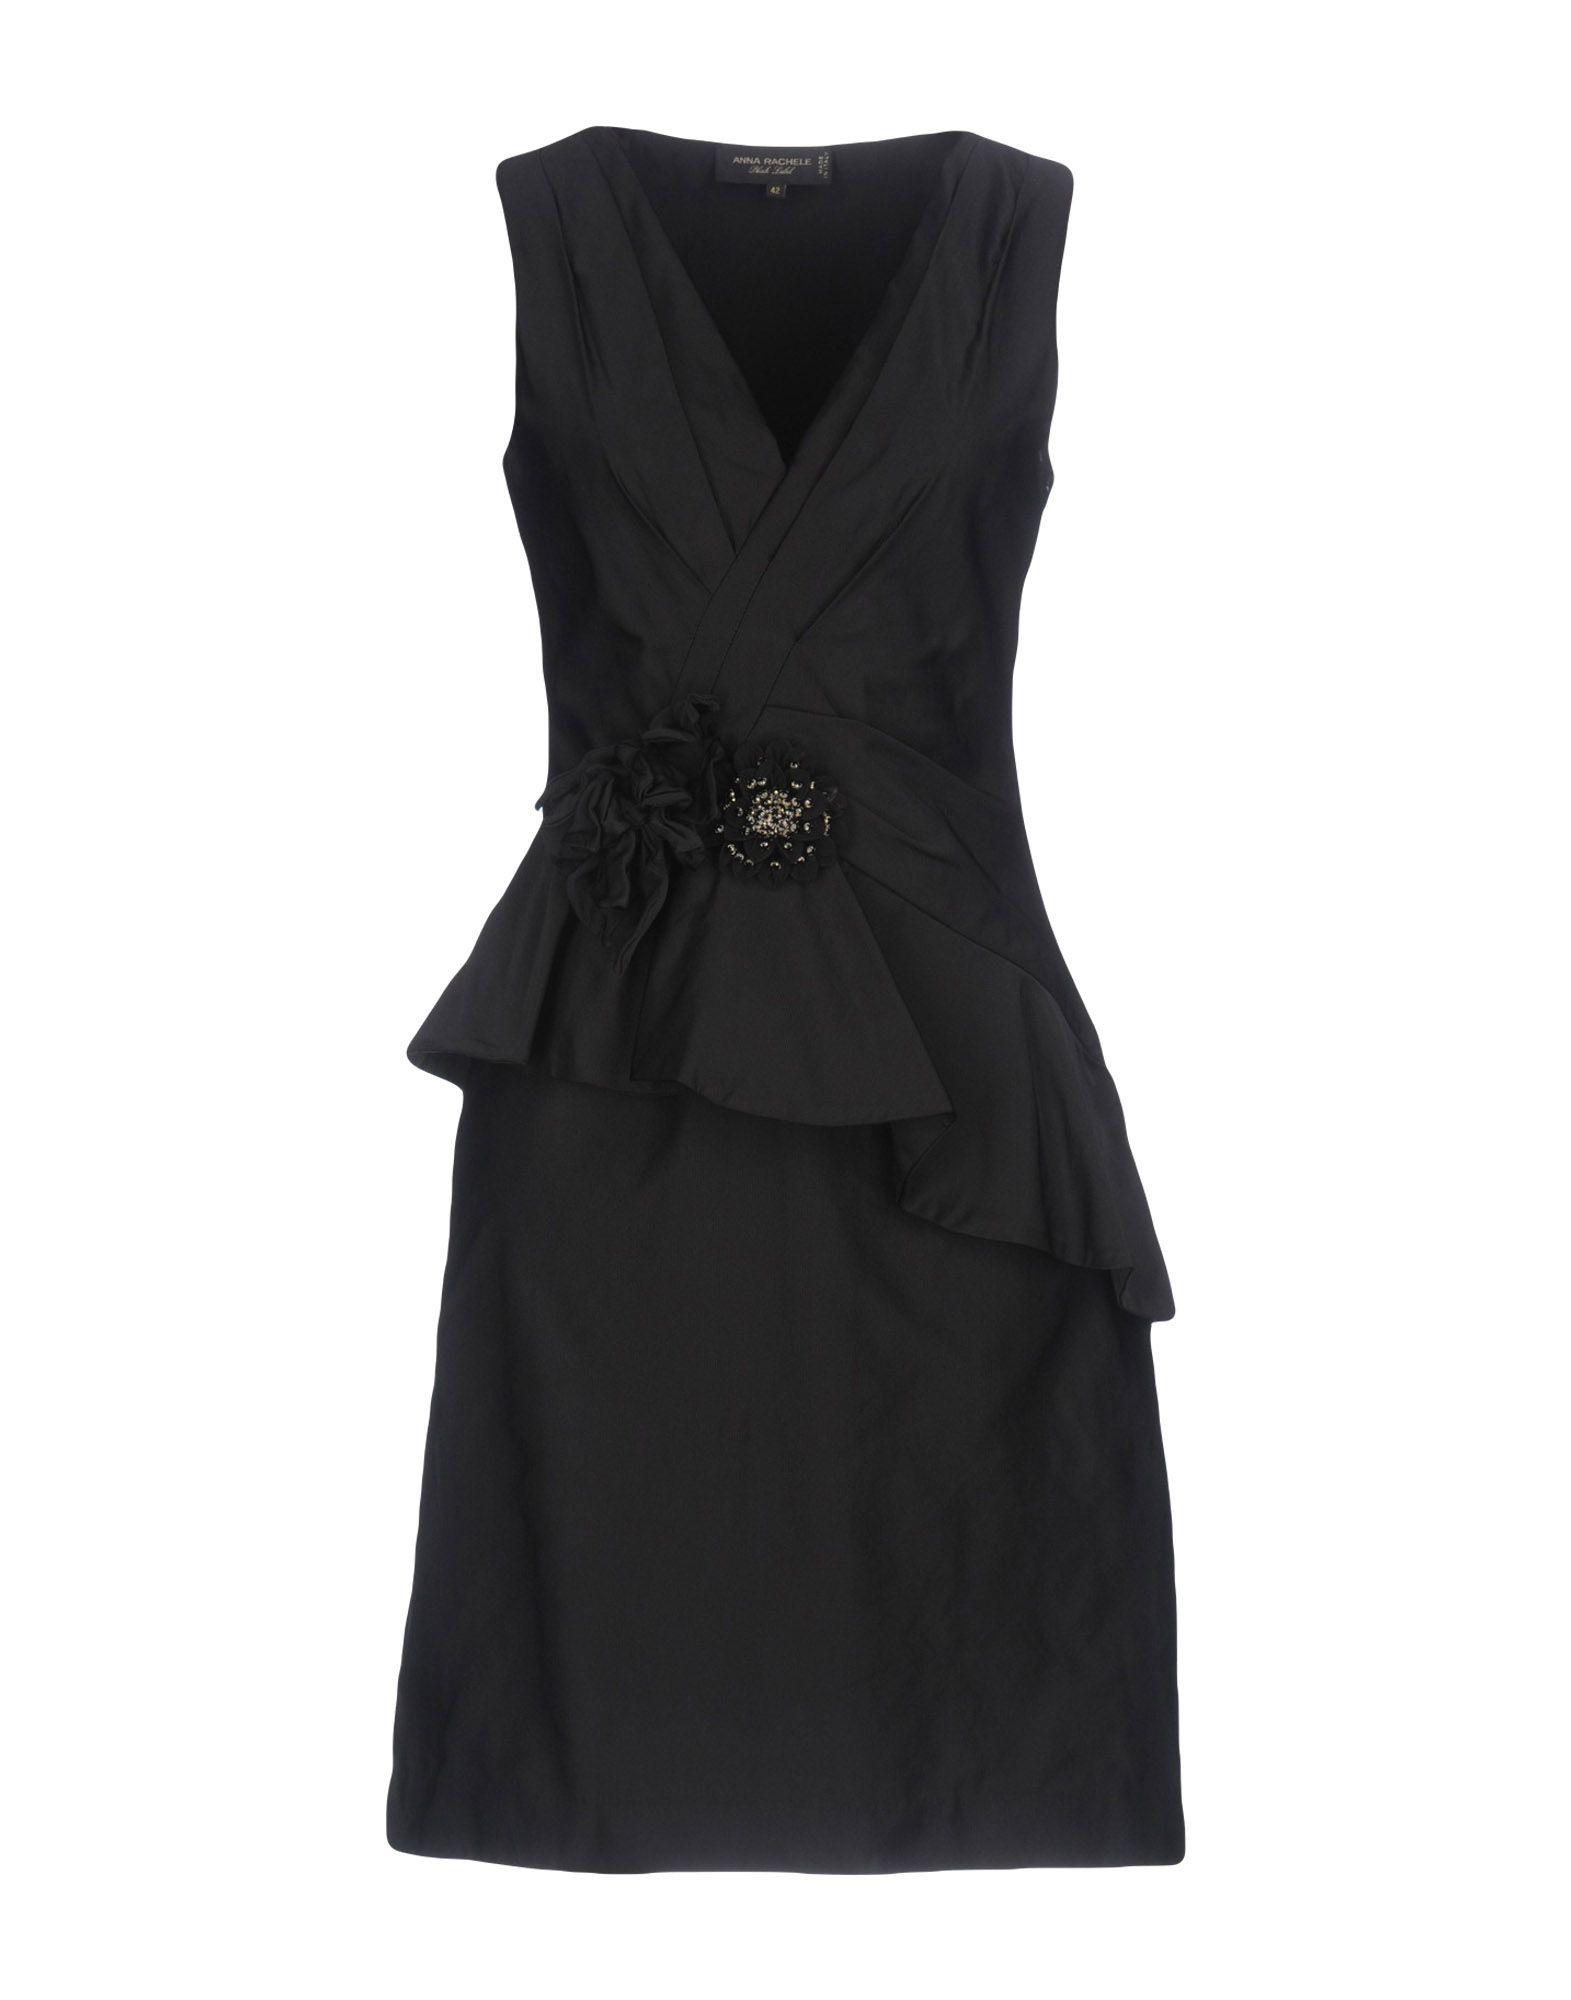 ANNA RACHELE BLACK LABEL Короткое платье anna rachele black label короткое платье